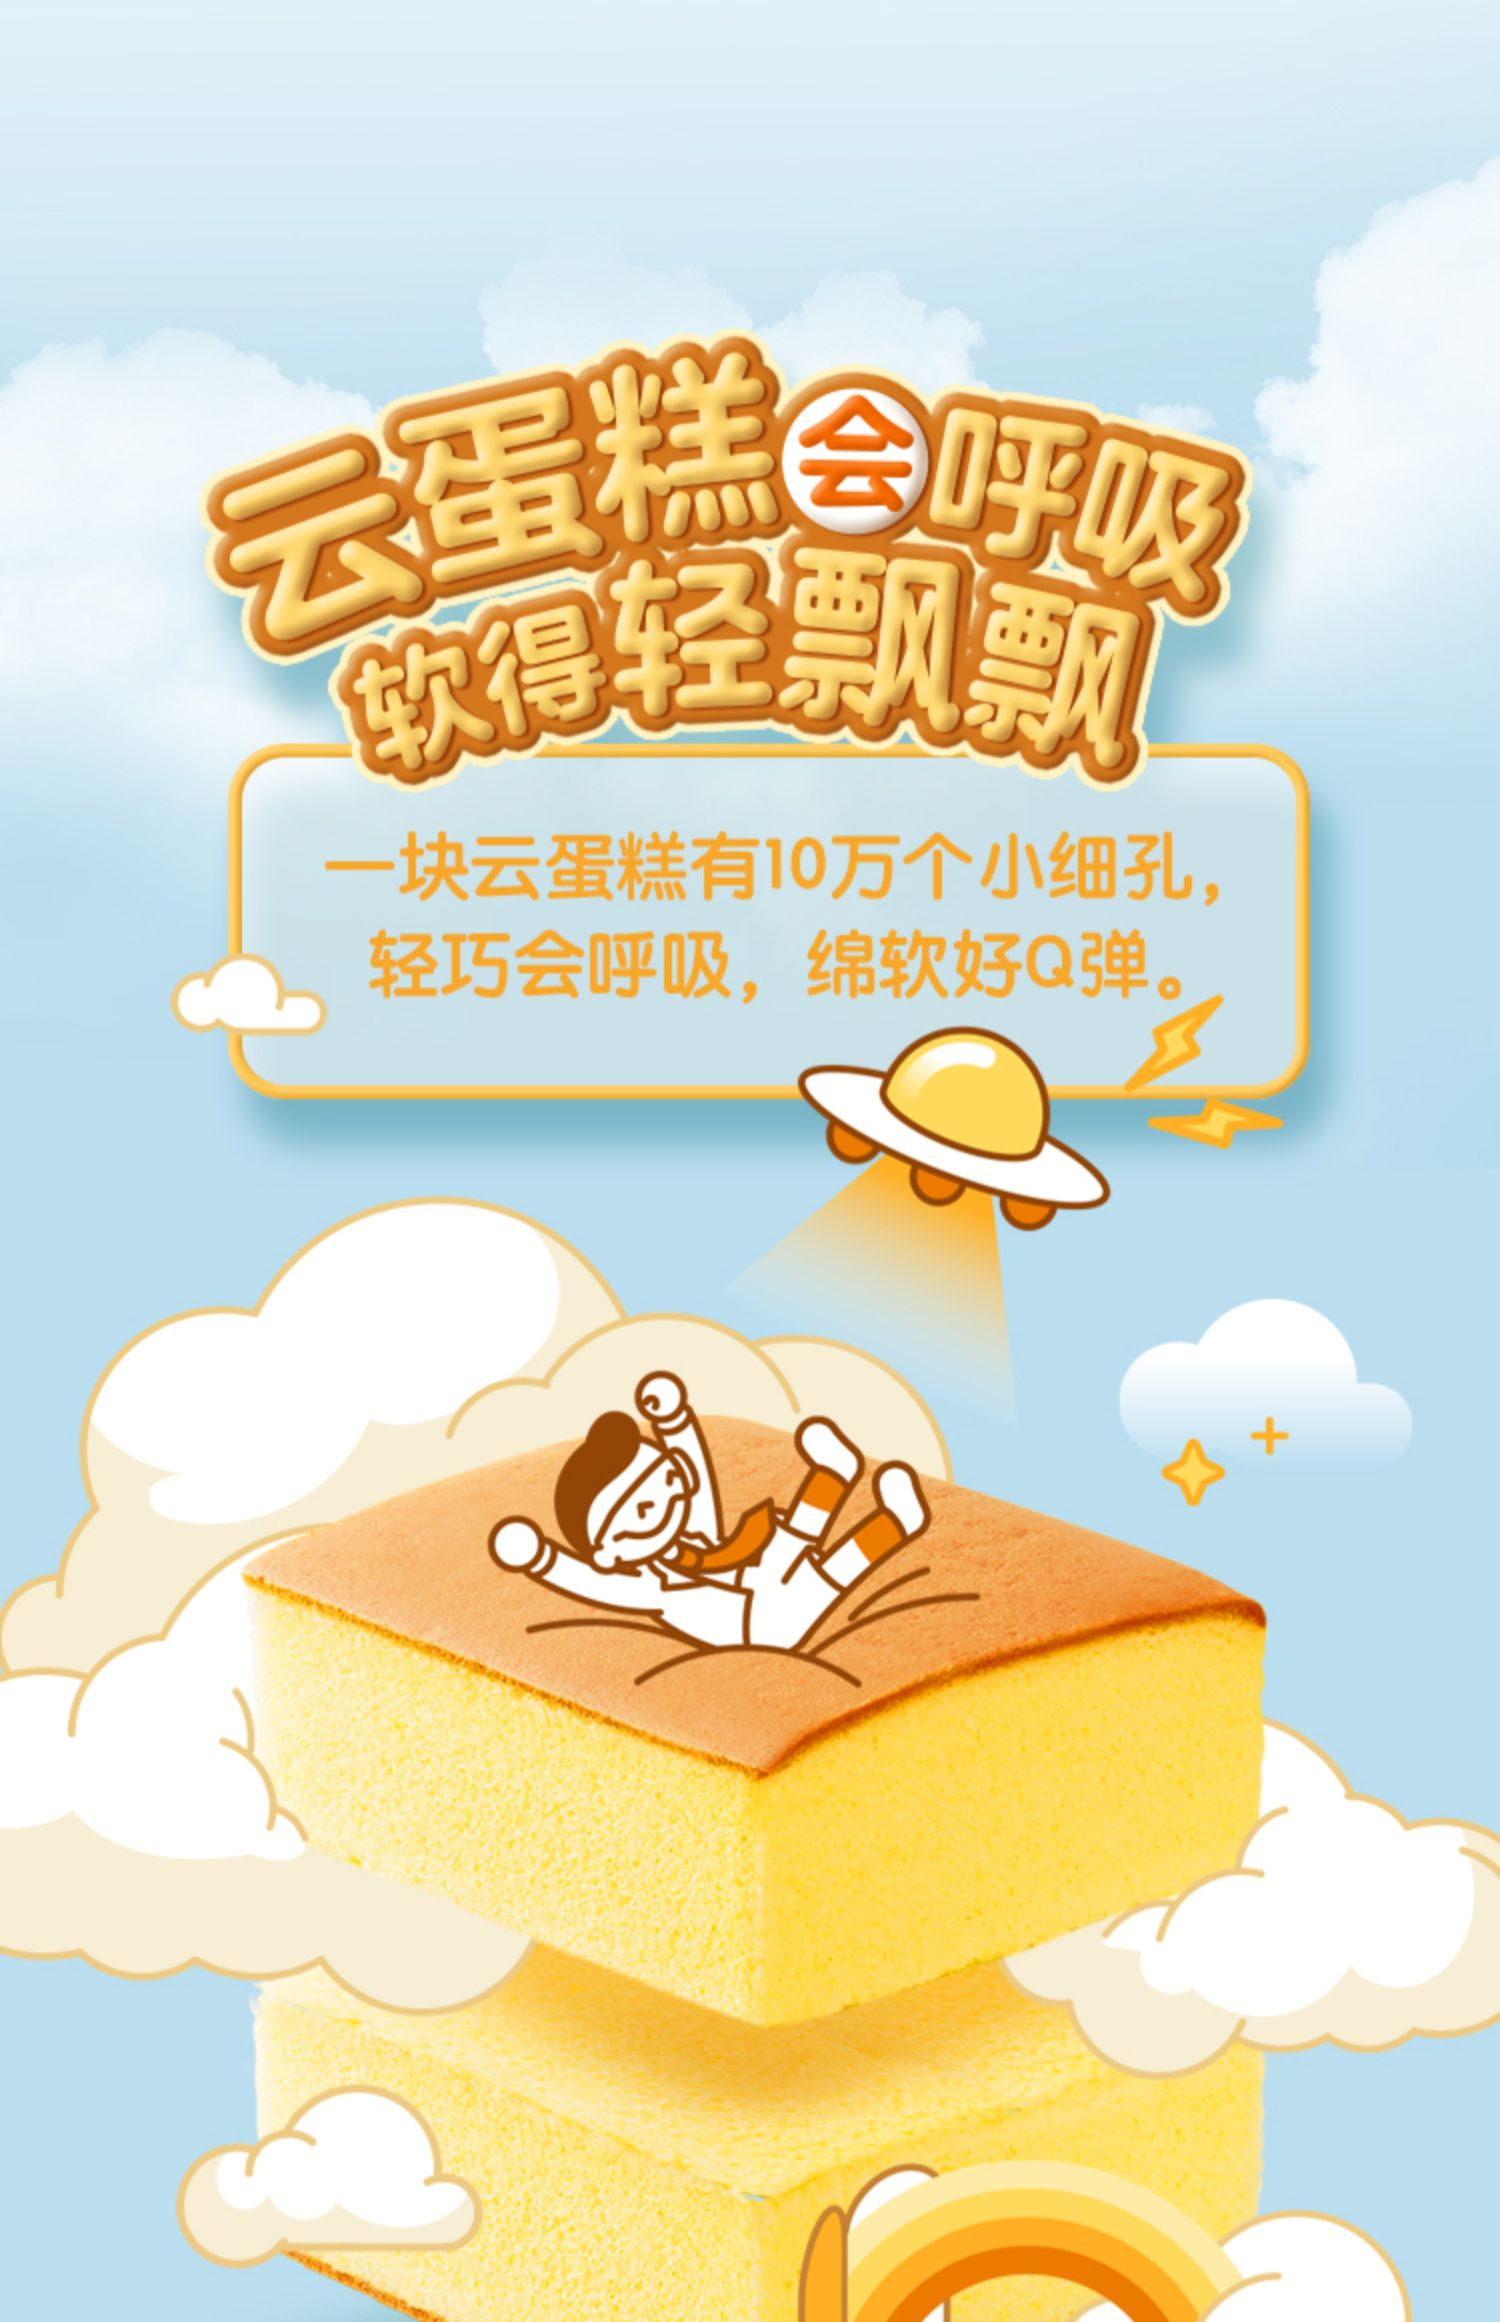 【雪梨推荐】a1云蛋糕手工小面包500g2箱